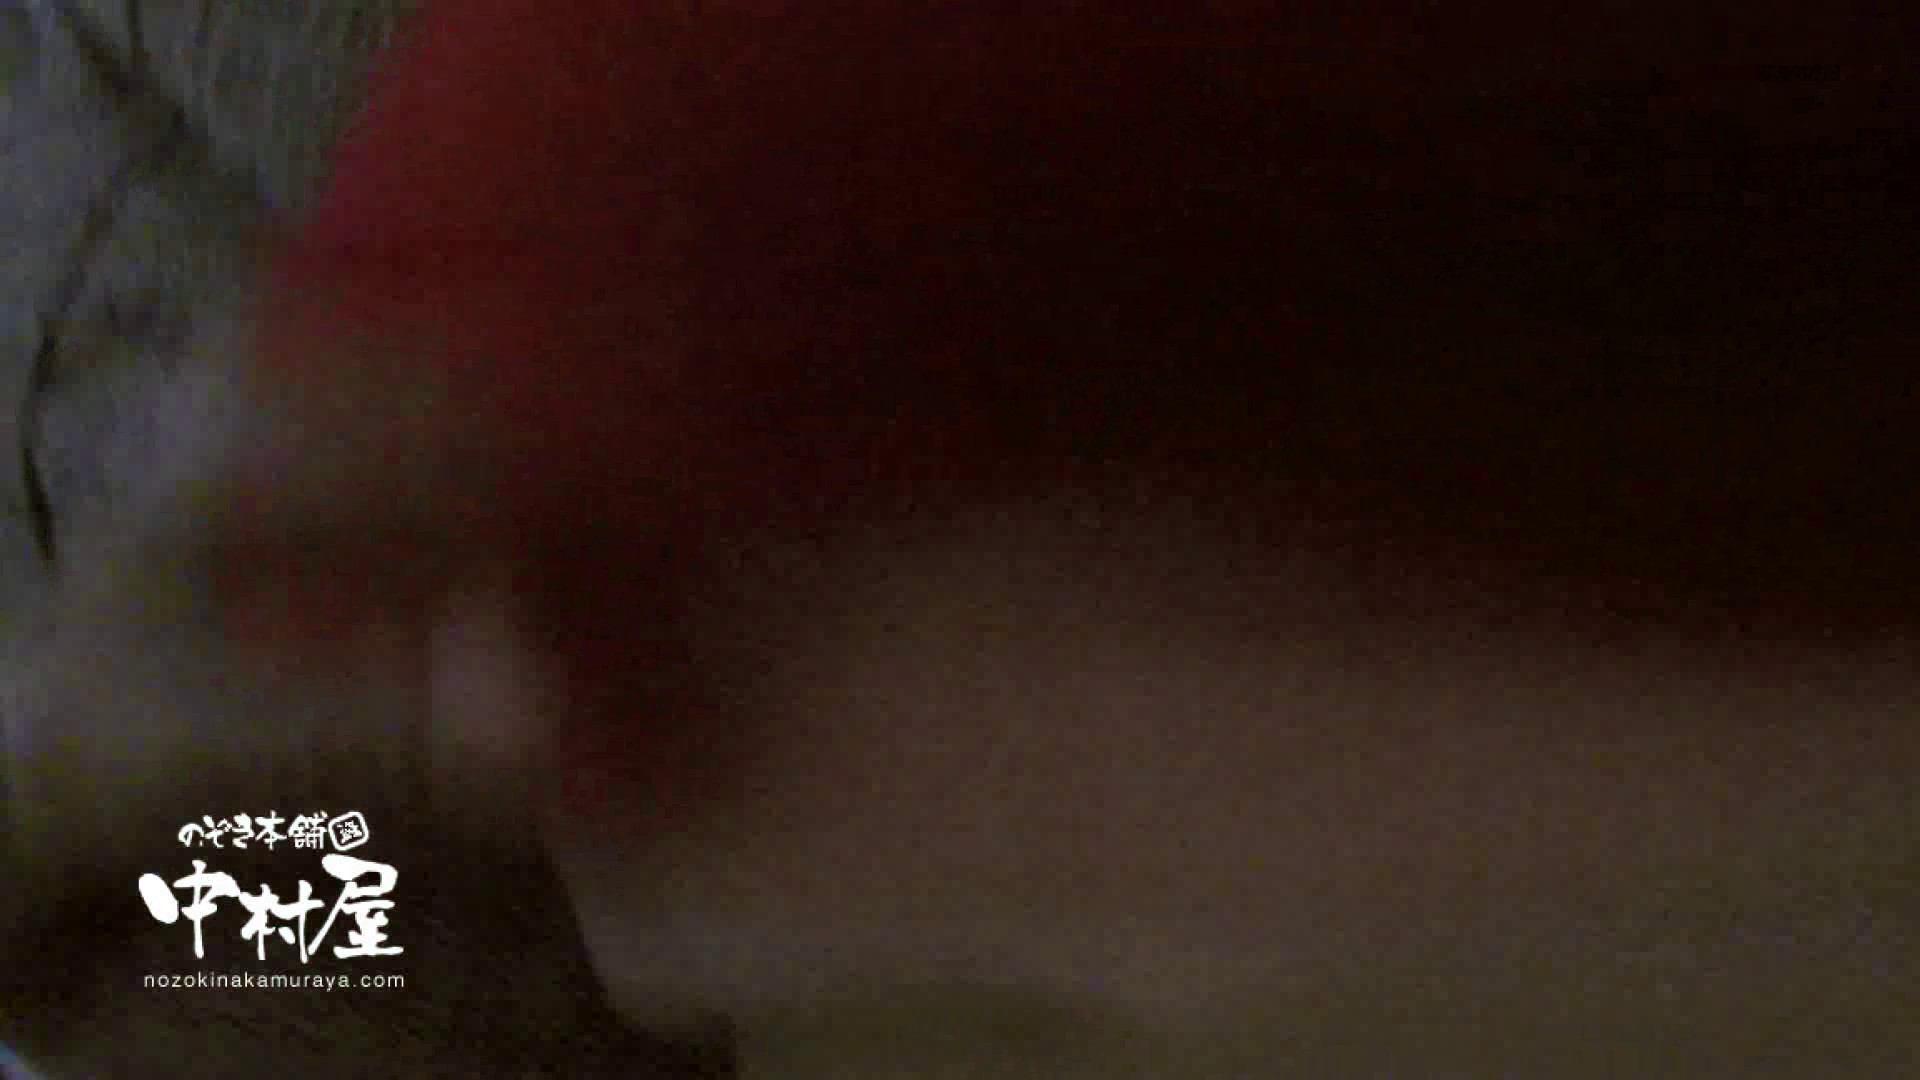 鬼畜 vol.02 もうやめて! 後編 美女OL | 鬼畜  66連発 39